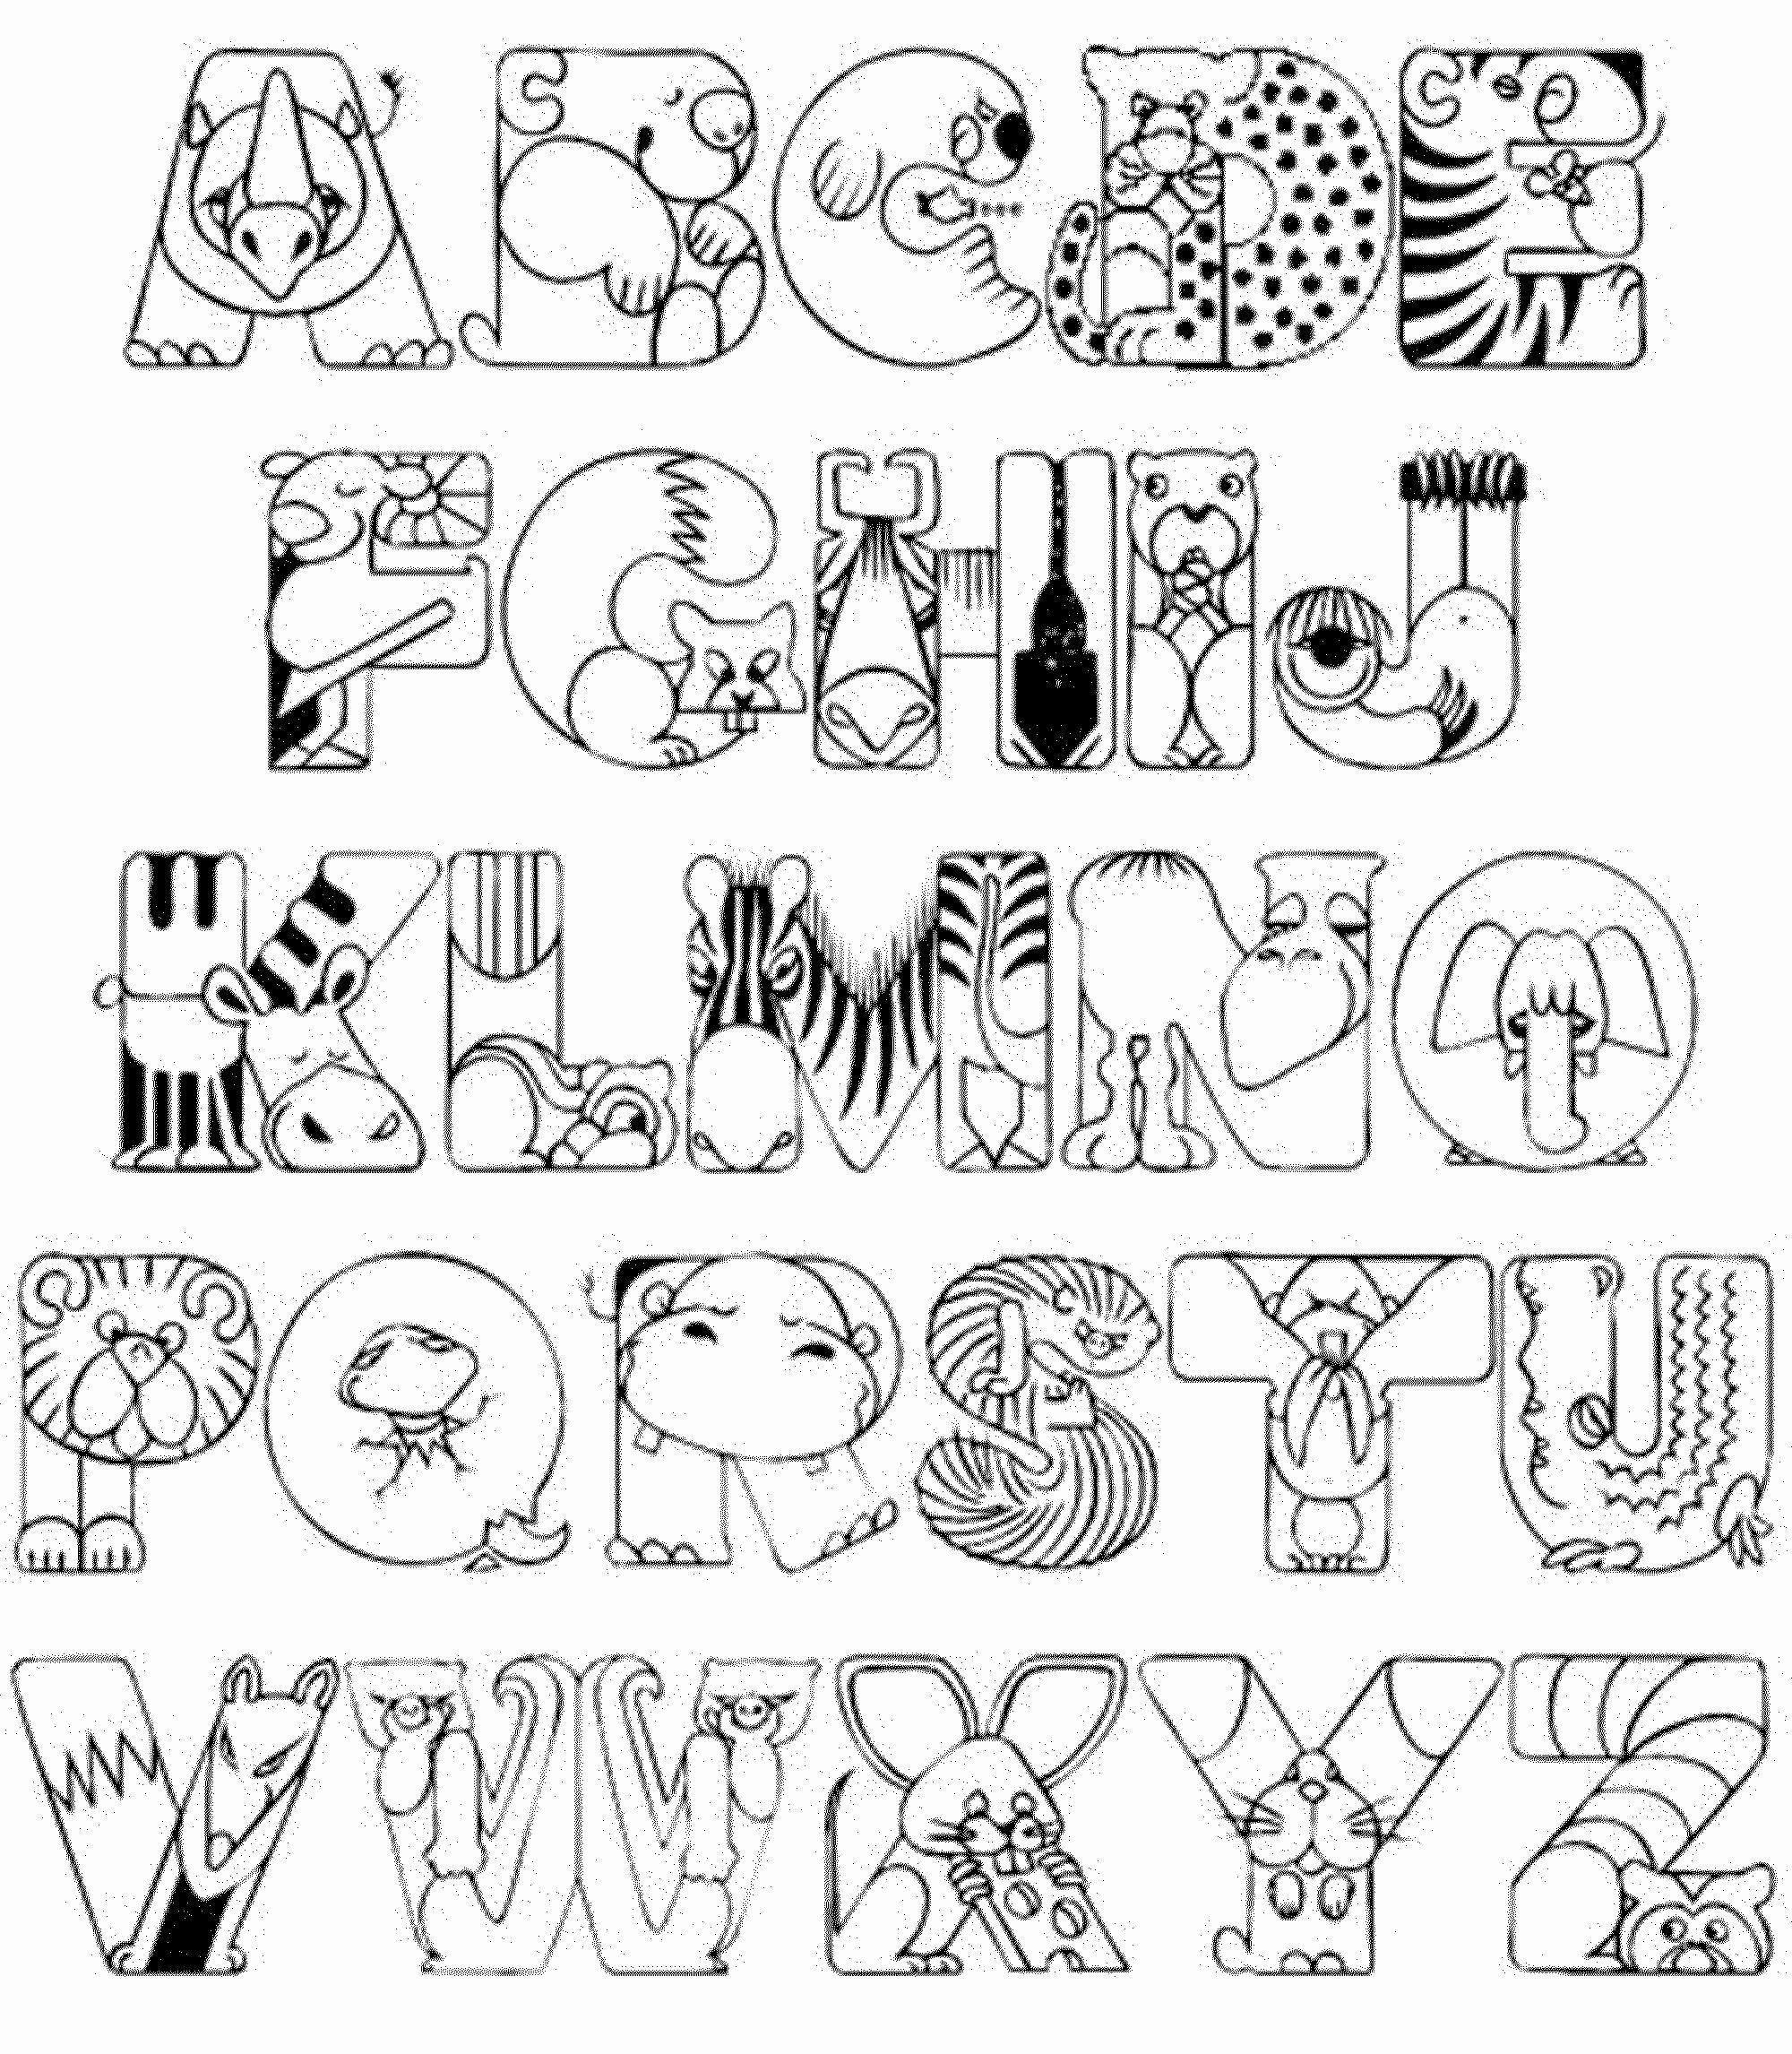 Hình ảnh tranh tô màu chữ cái mô tả hình thú